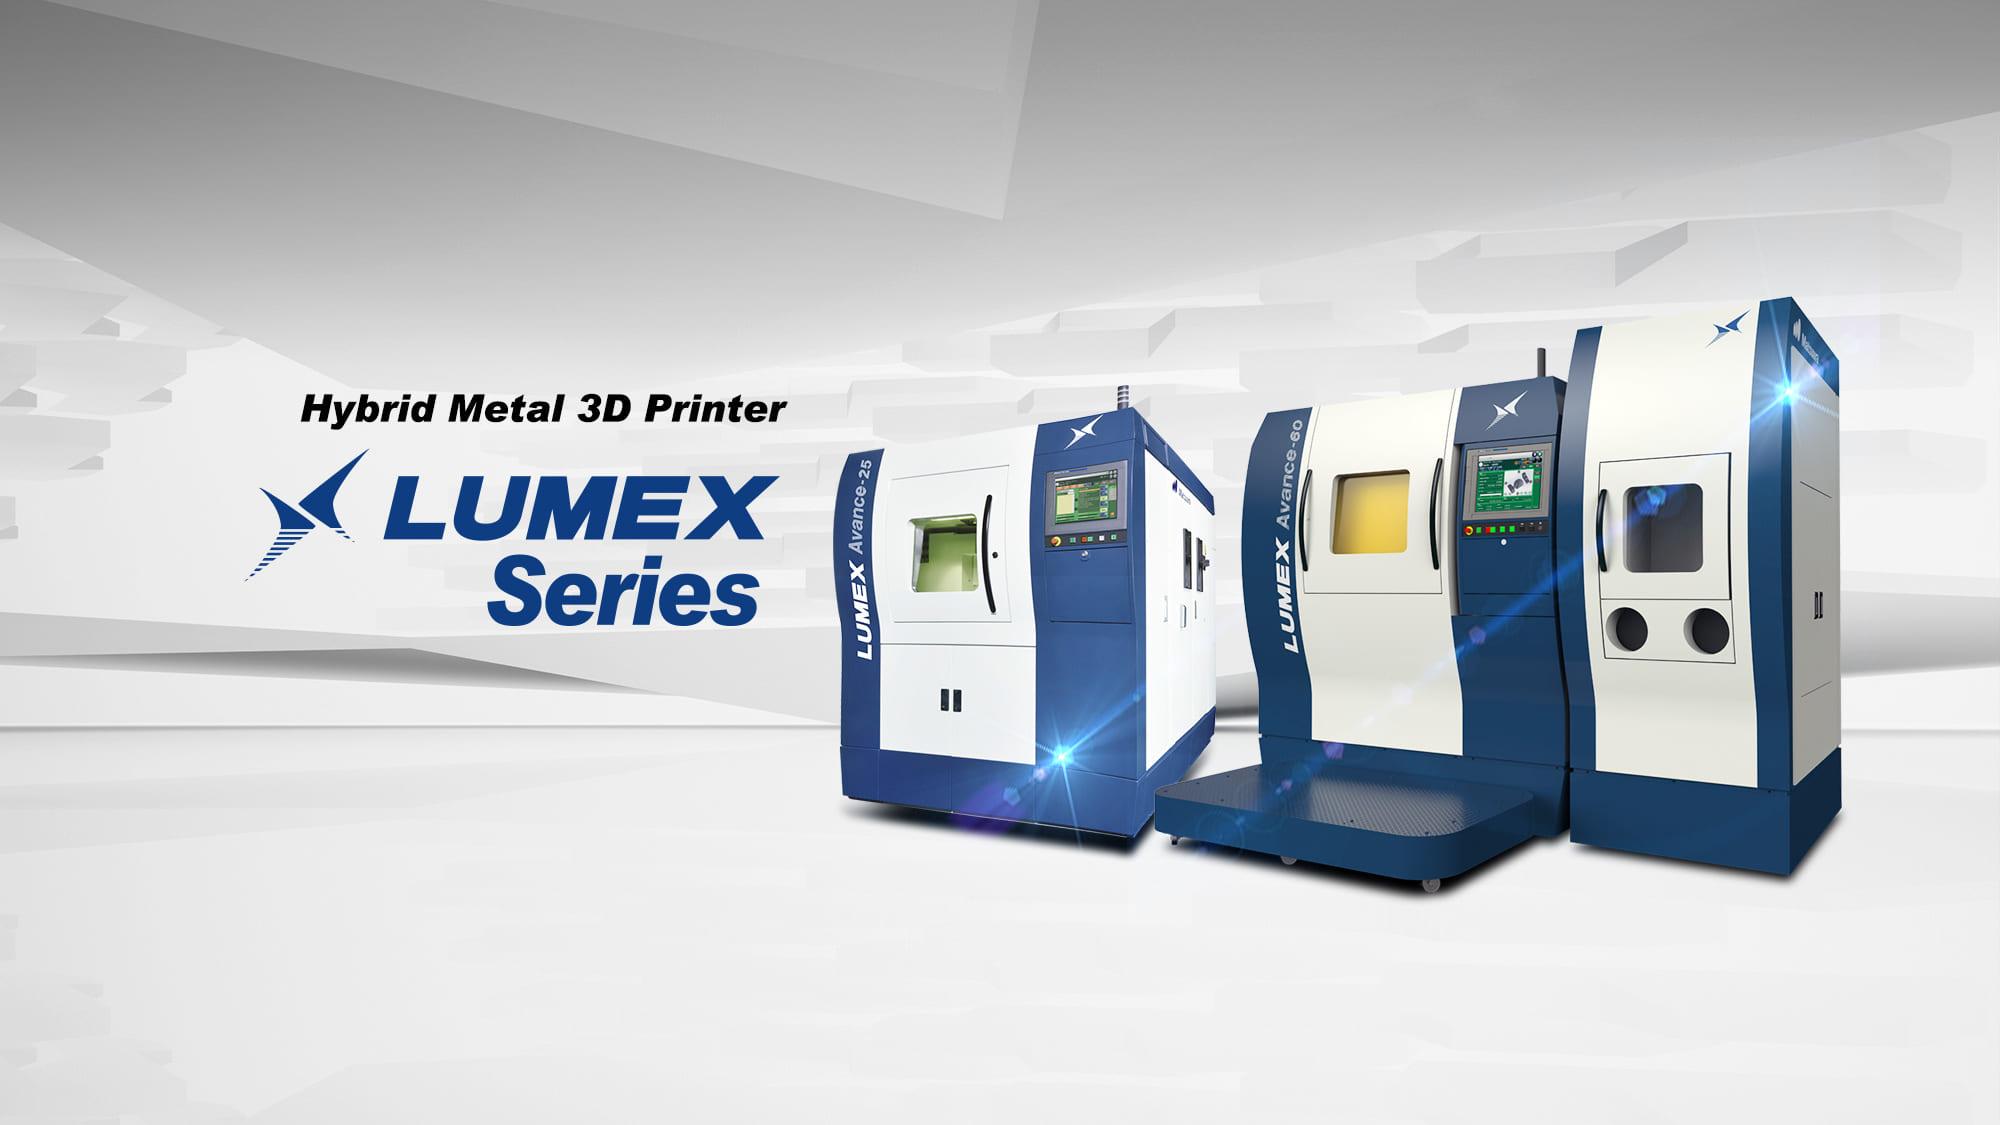 ハイブリッド金属3Dプリンタ